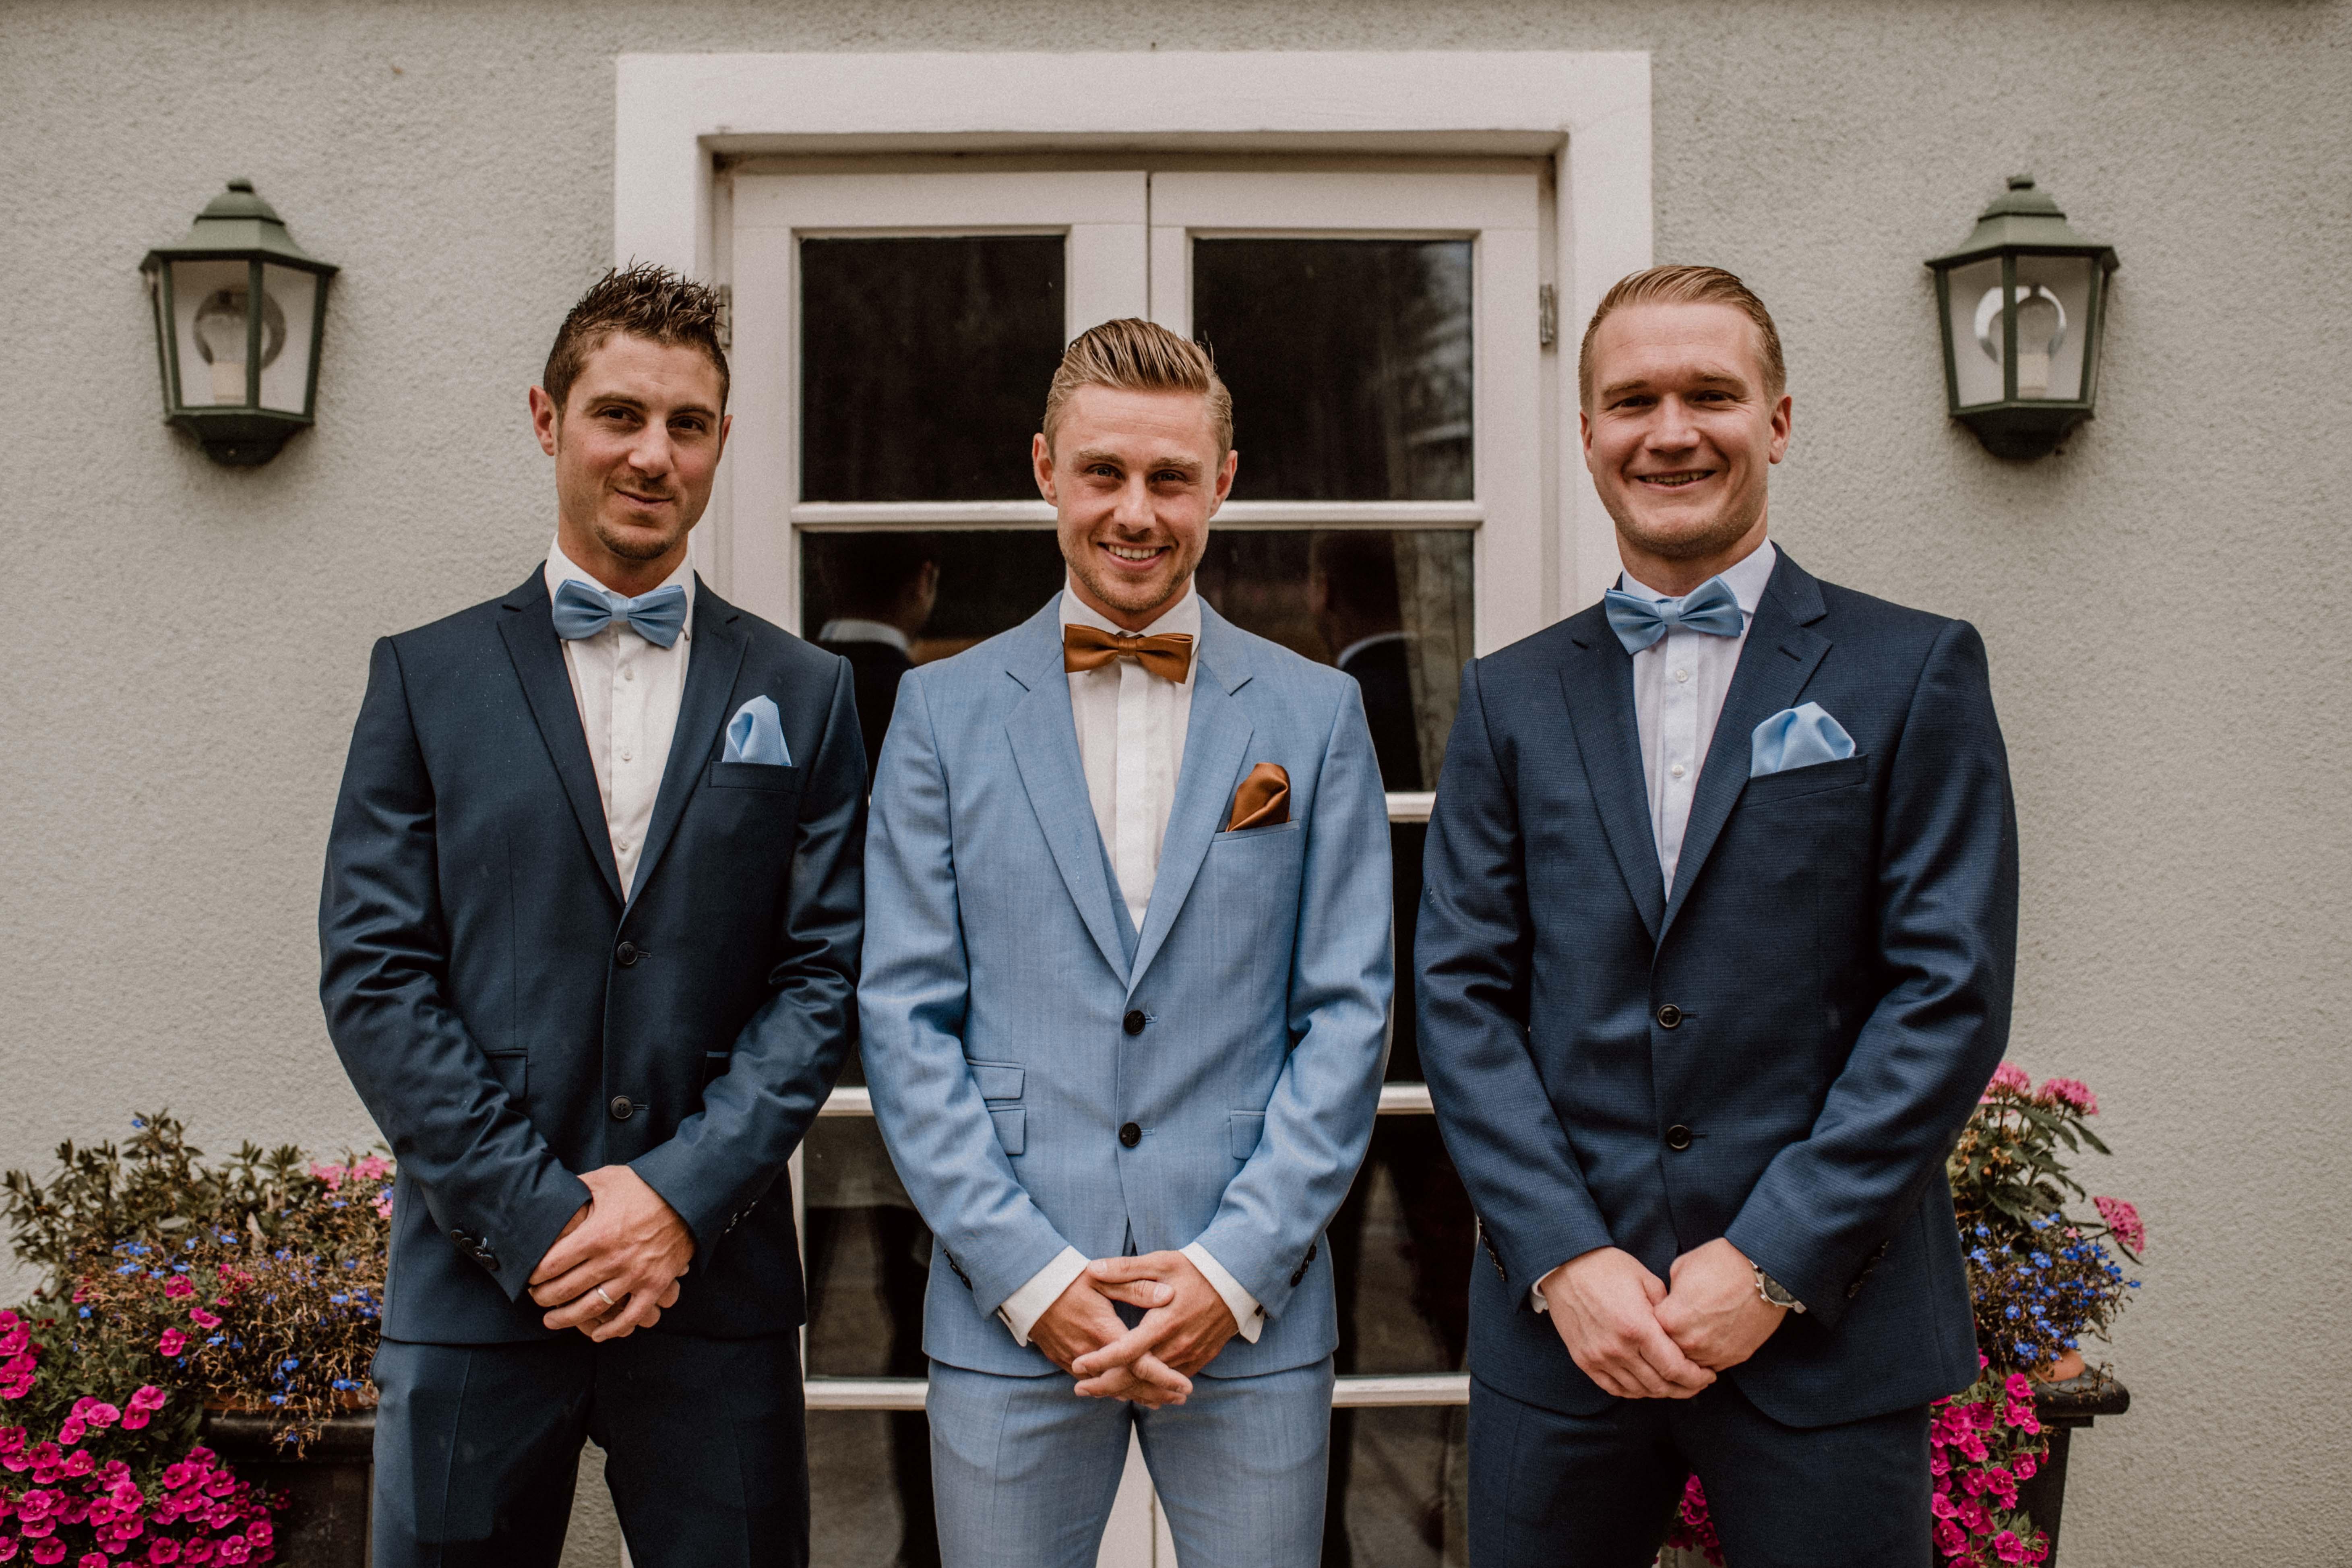 groomsmen stylisch sonja poehlmann photography couples muenchen bayern